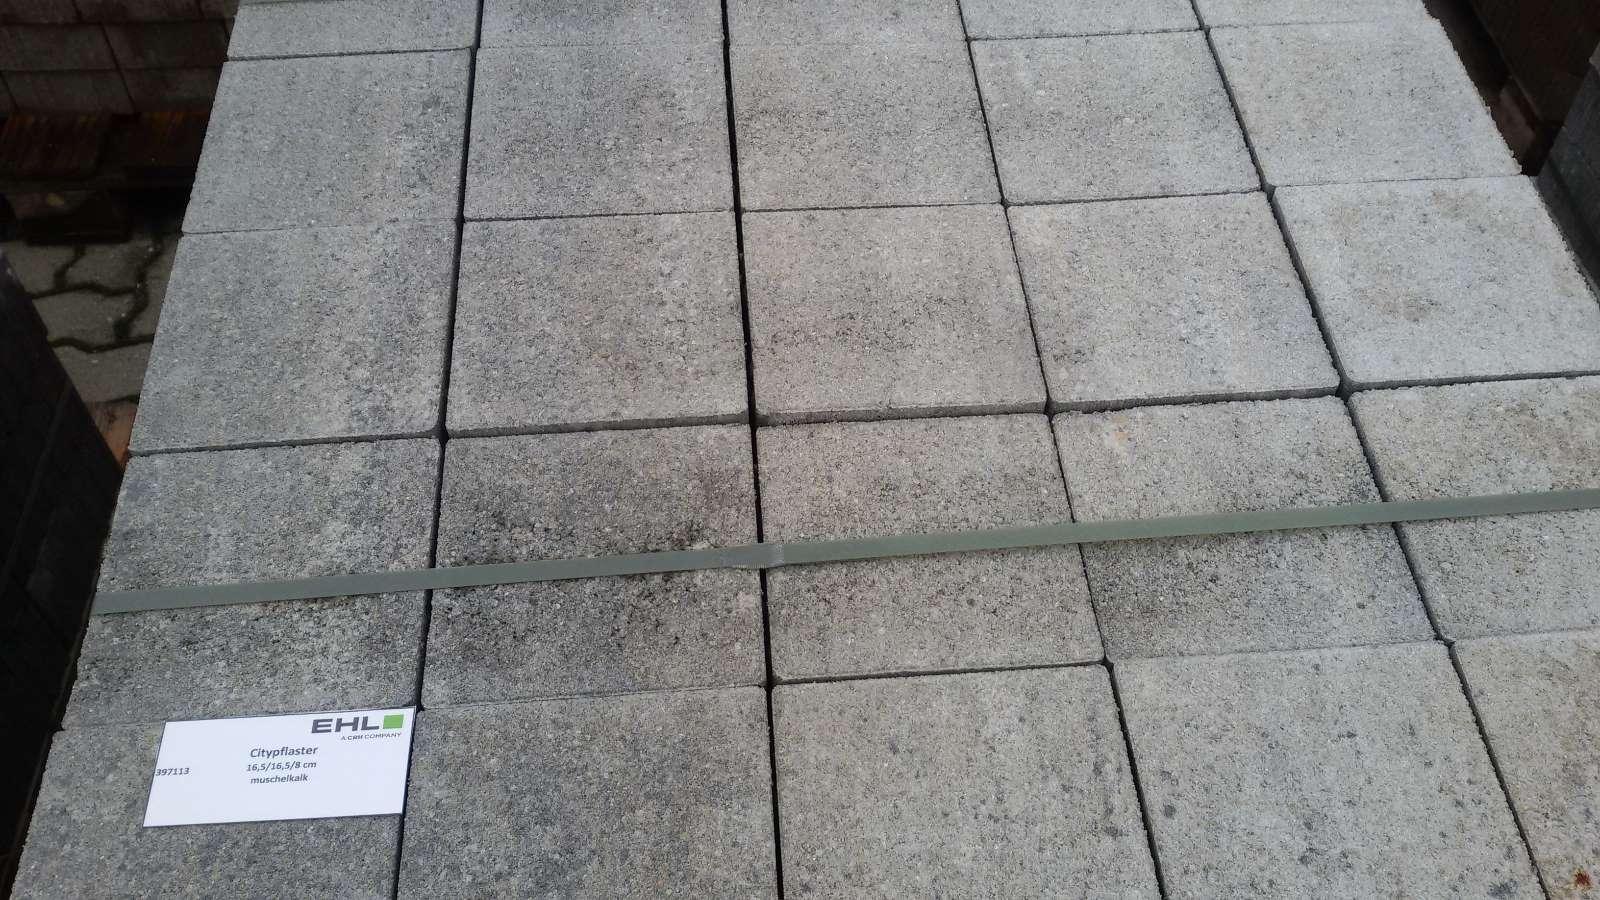 Citypflaster 16,5/16,5/8 cm muschelkalk 2. Wahl